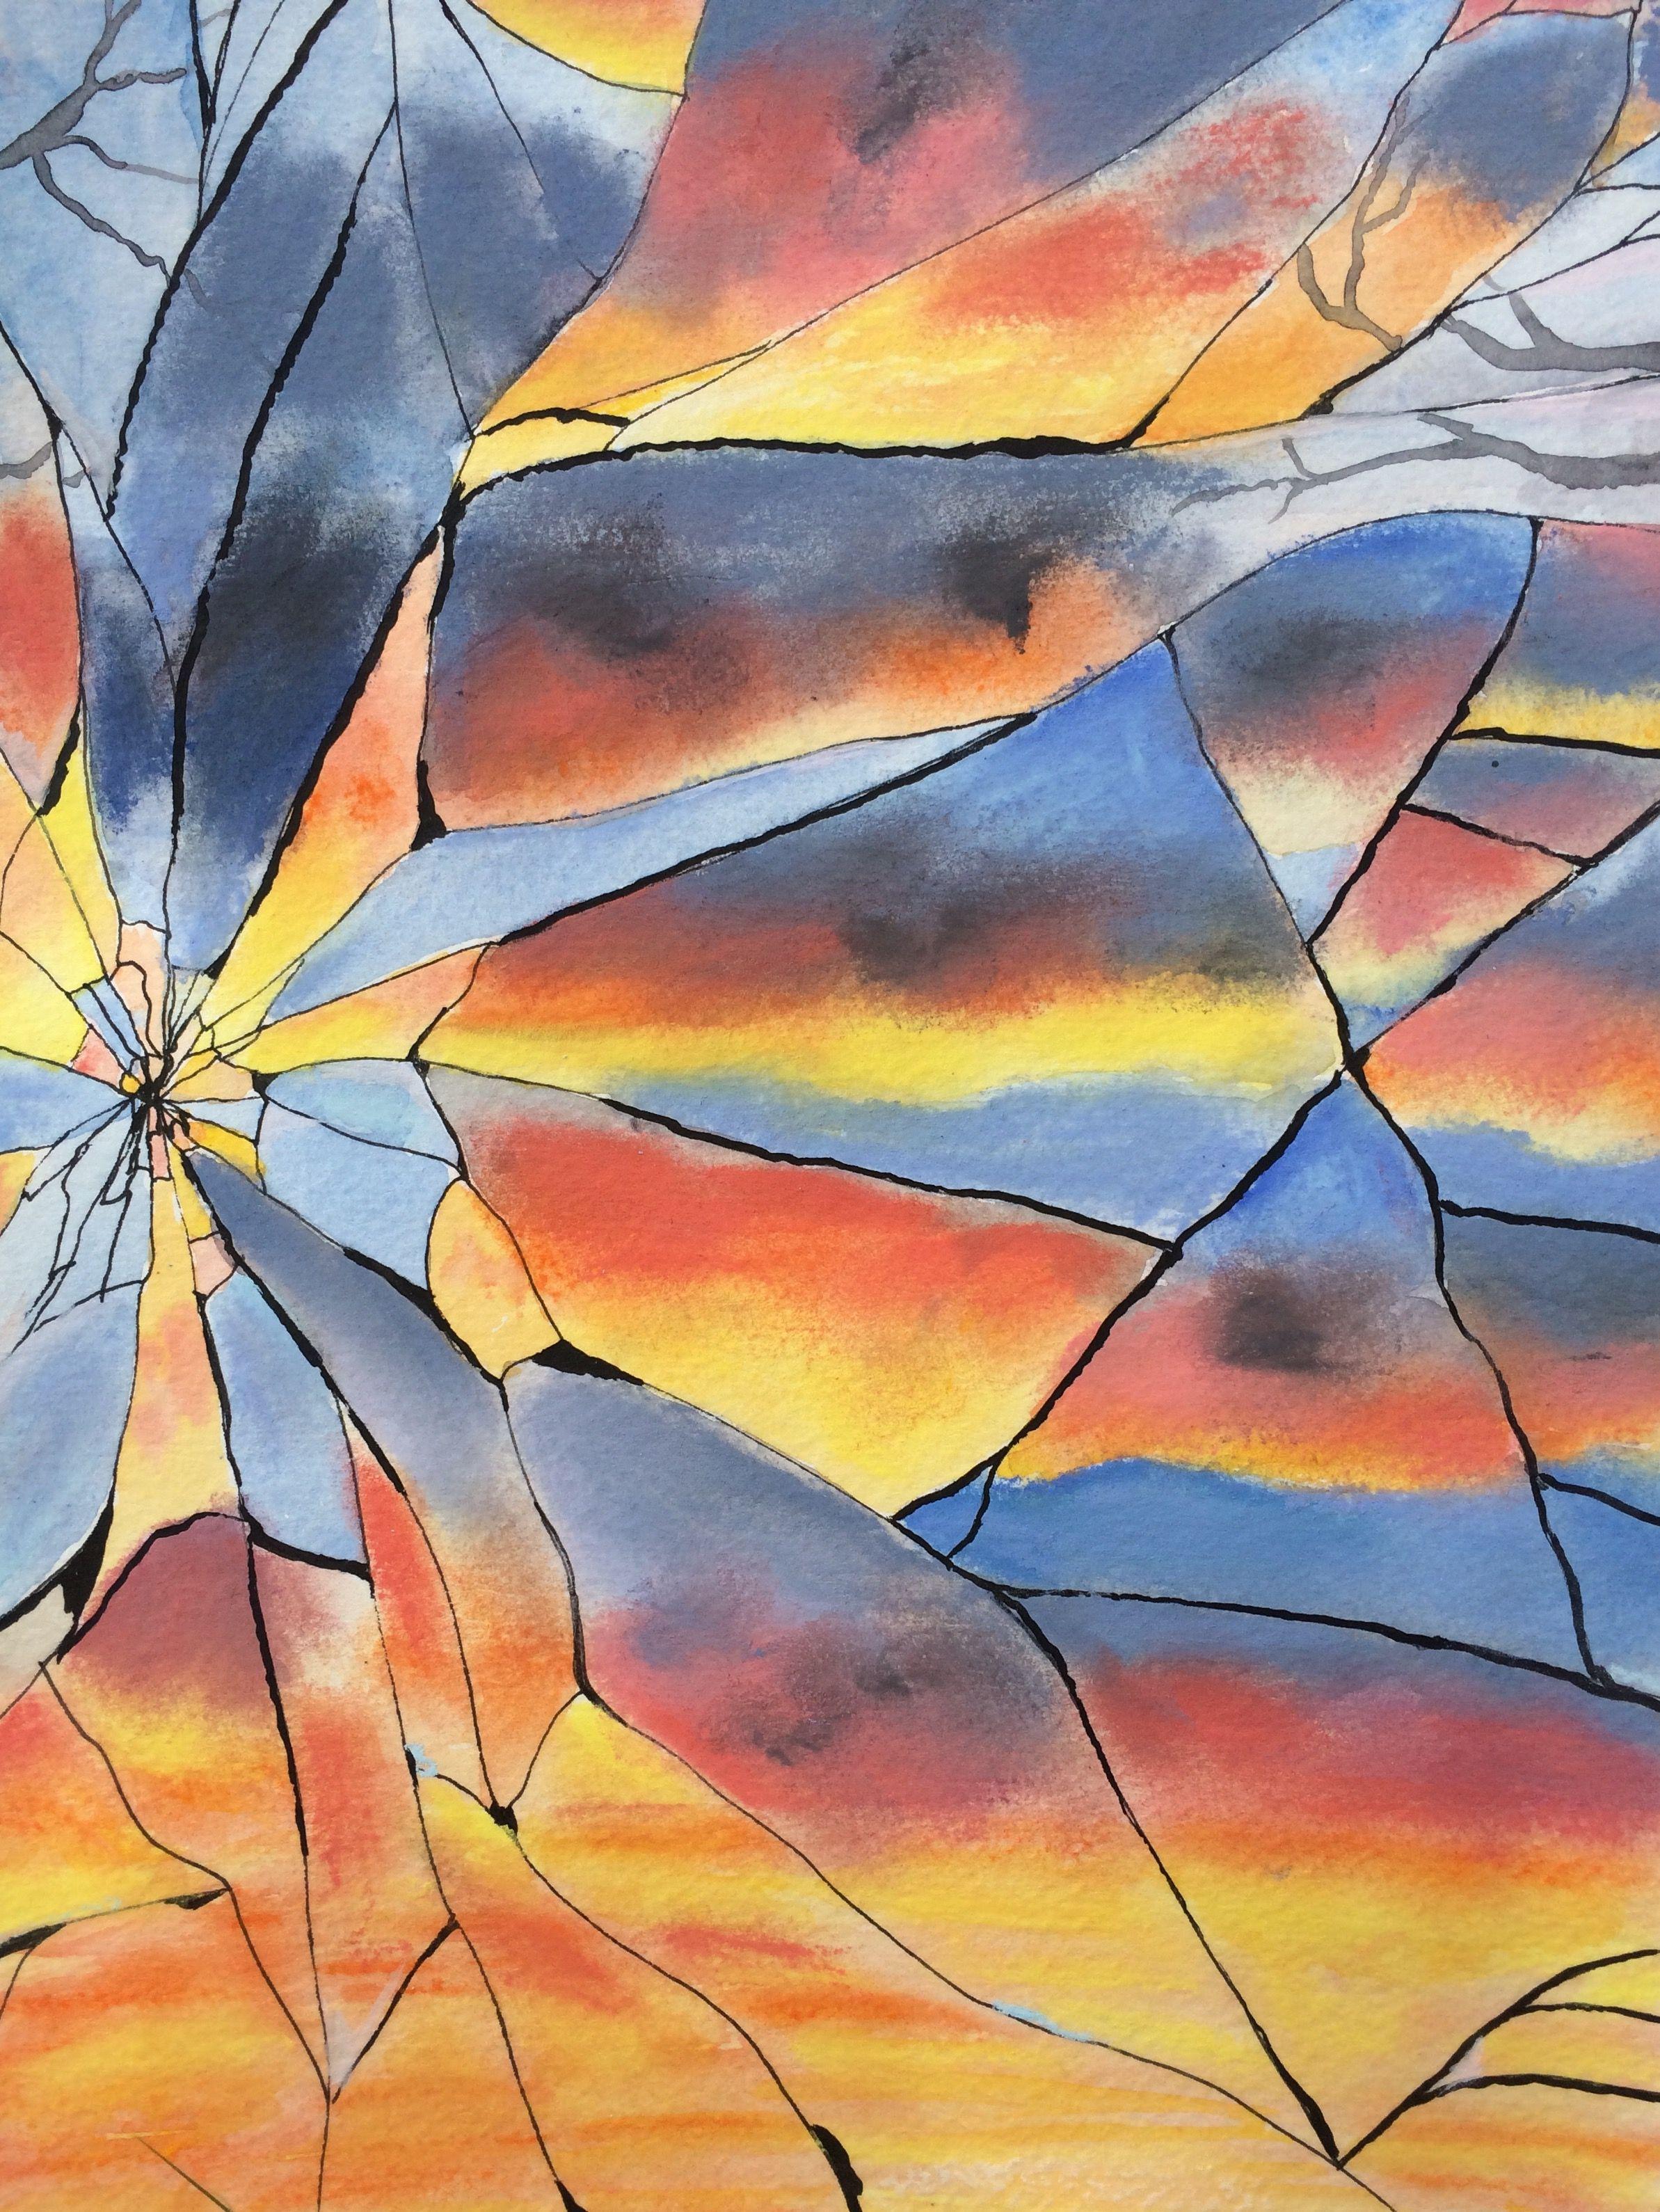 Broken mirror sunset | Draw This WARM UPS | Pinterest | Broken ...